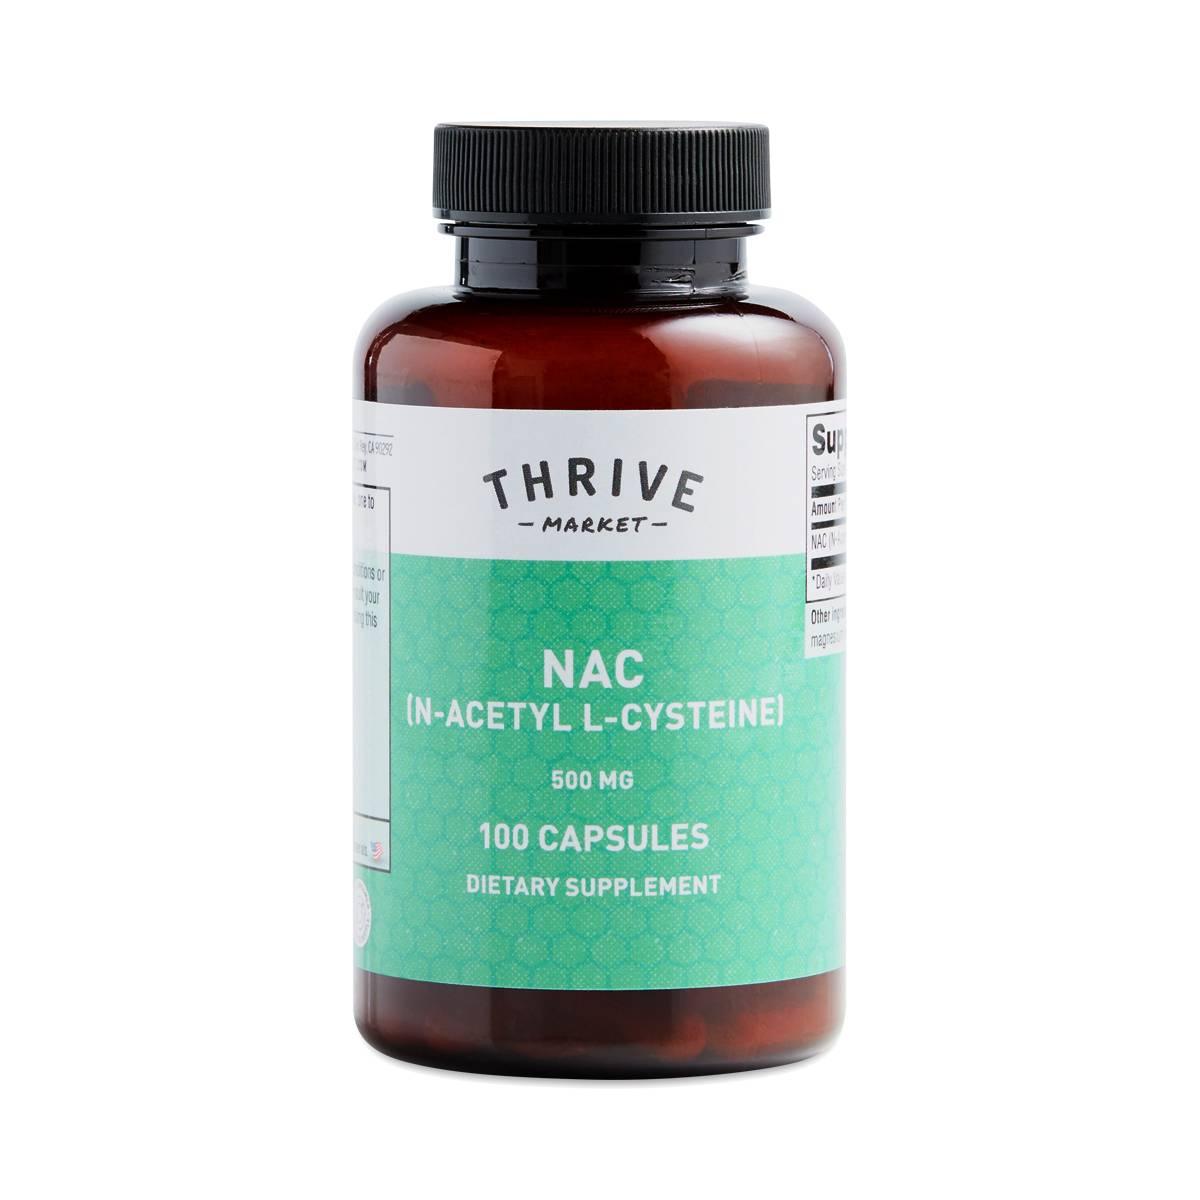 Thrive Market Products NAC: N-Acetyl L-Cysteine - Thrive Market